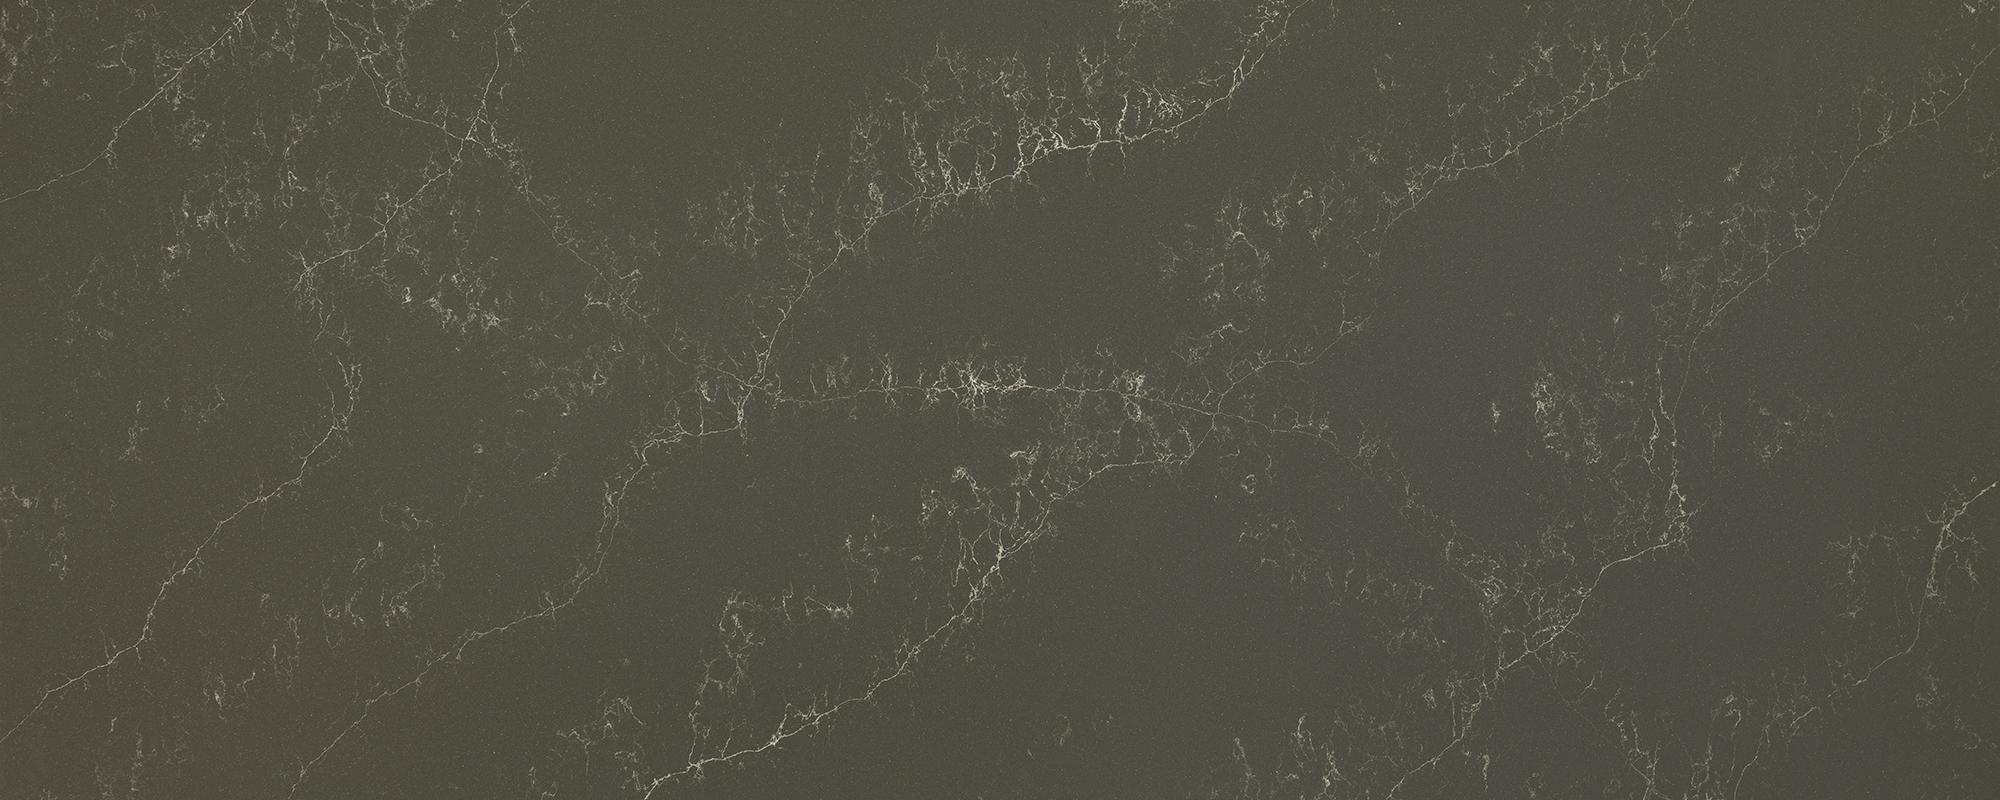 Unique Pietrat Quartz Texture